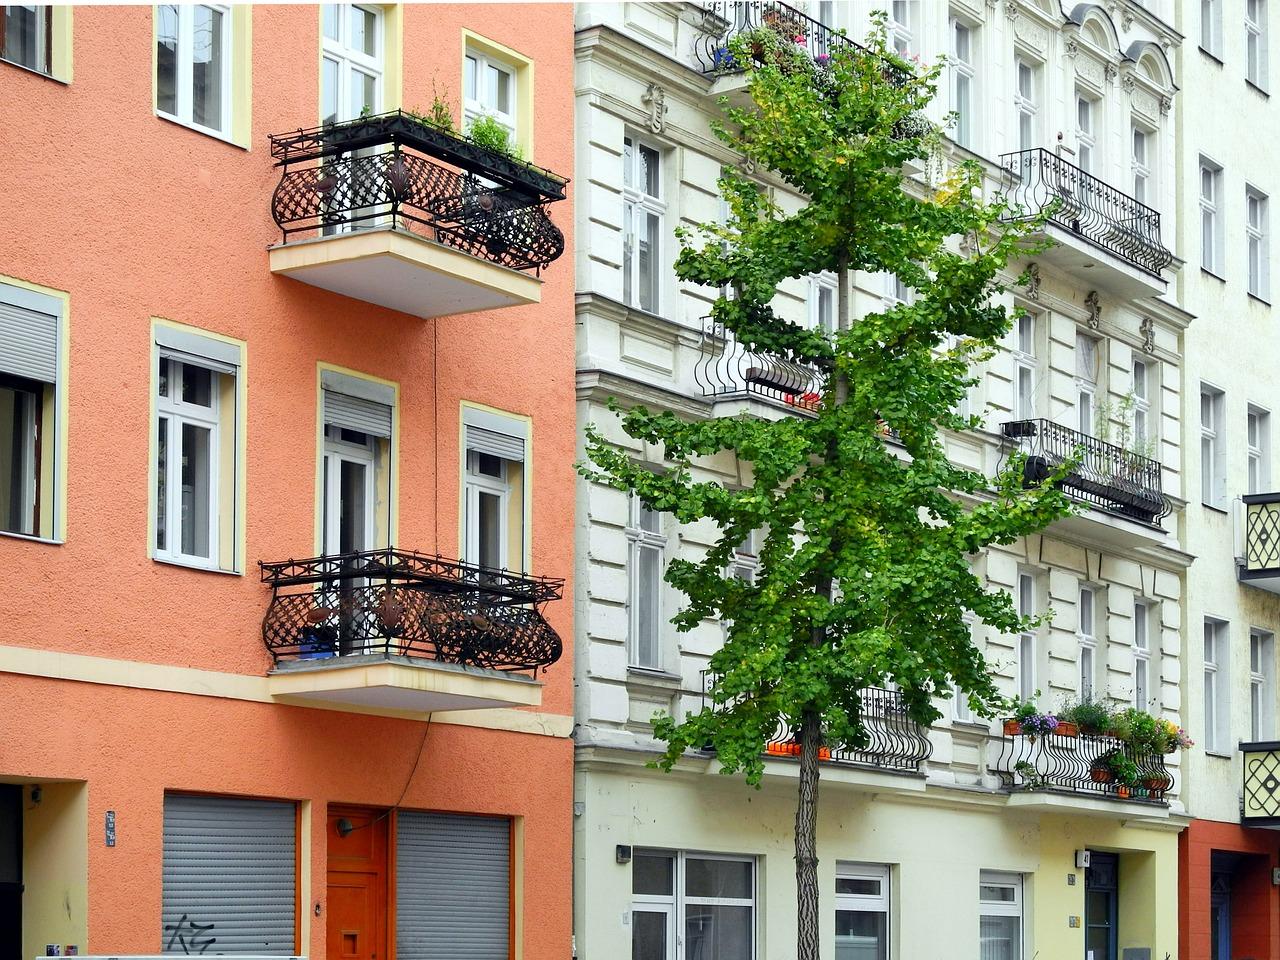 mehrfamilienhaus-verkaufen-berlin